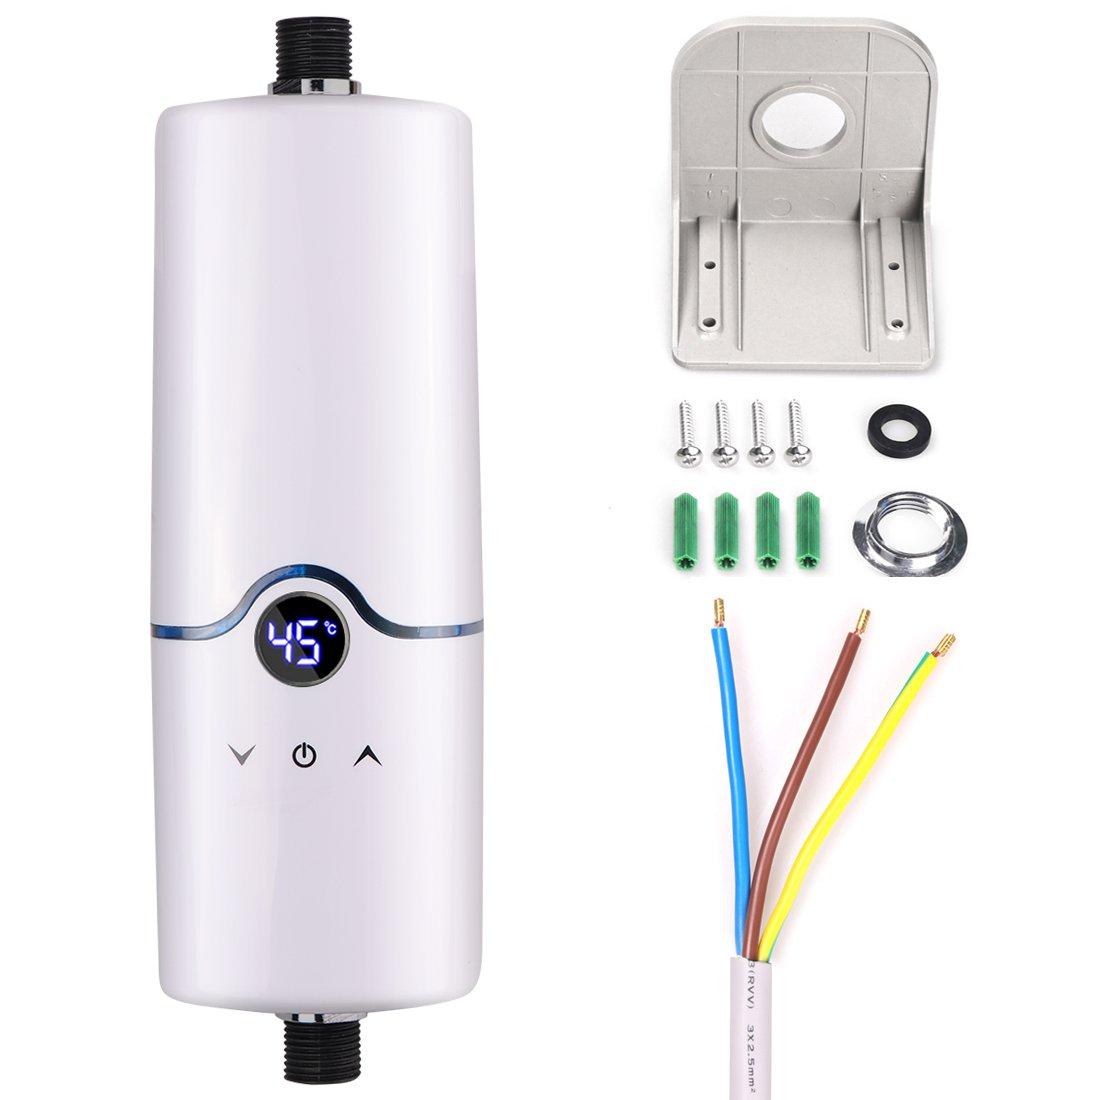 Calentador de agua sin tanque eléctrico instantáneo caliente de 240V 4 niveles de poder (5.5KW 5KW 4.5KW 3.5KW) para la cocina del cuarto de baño (blanco): ...